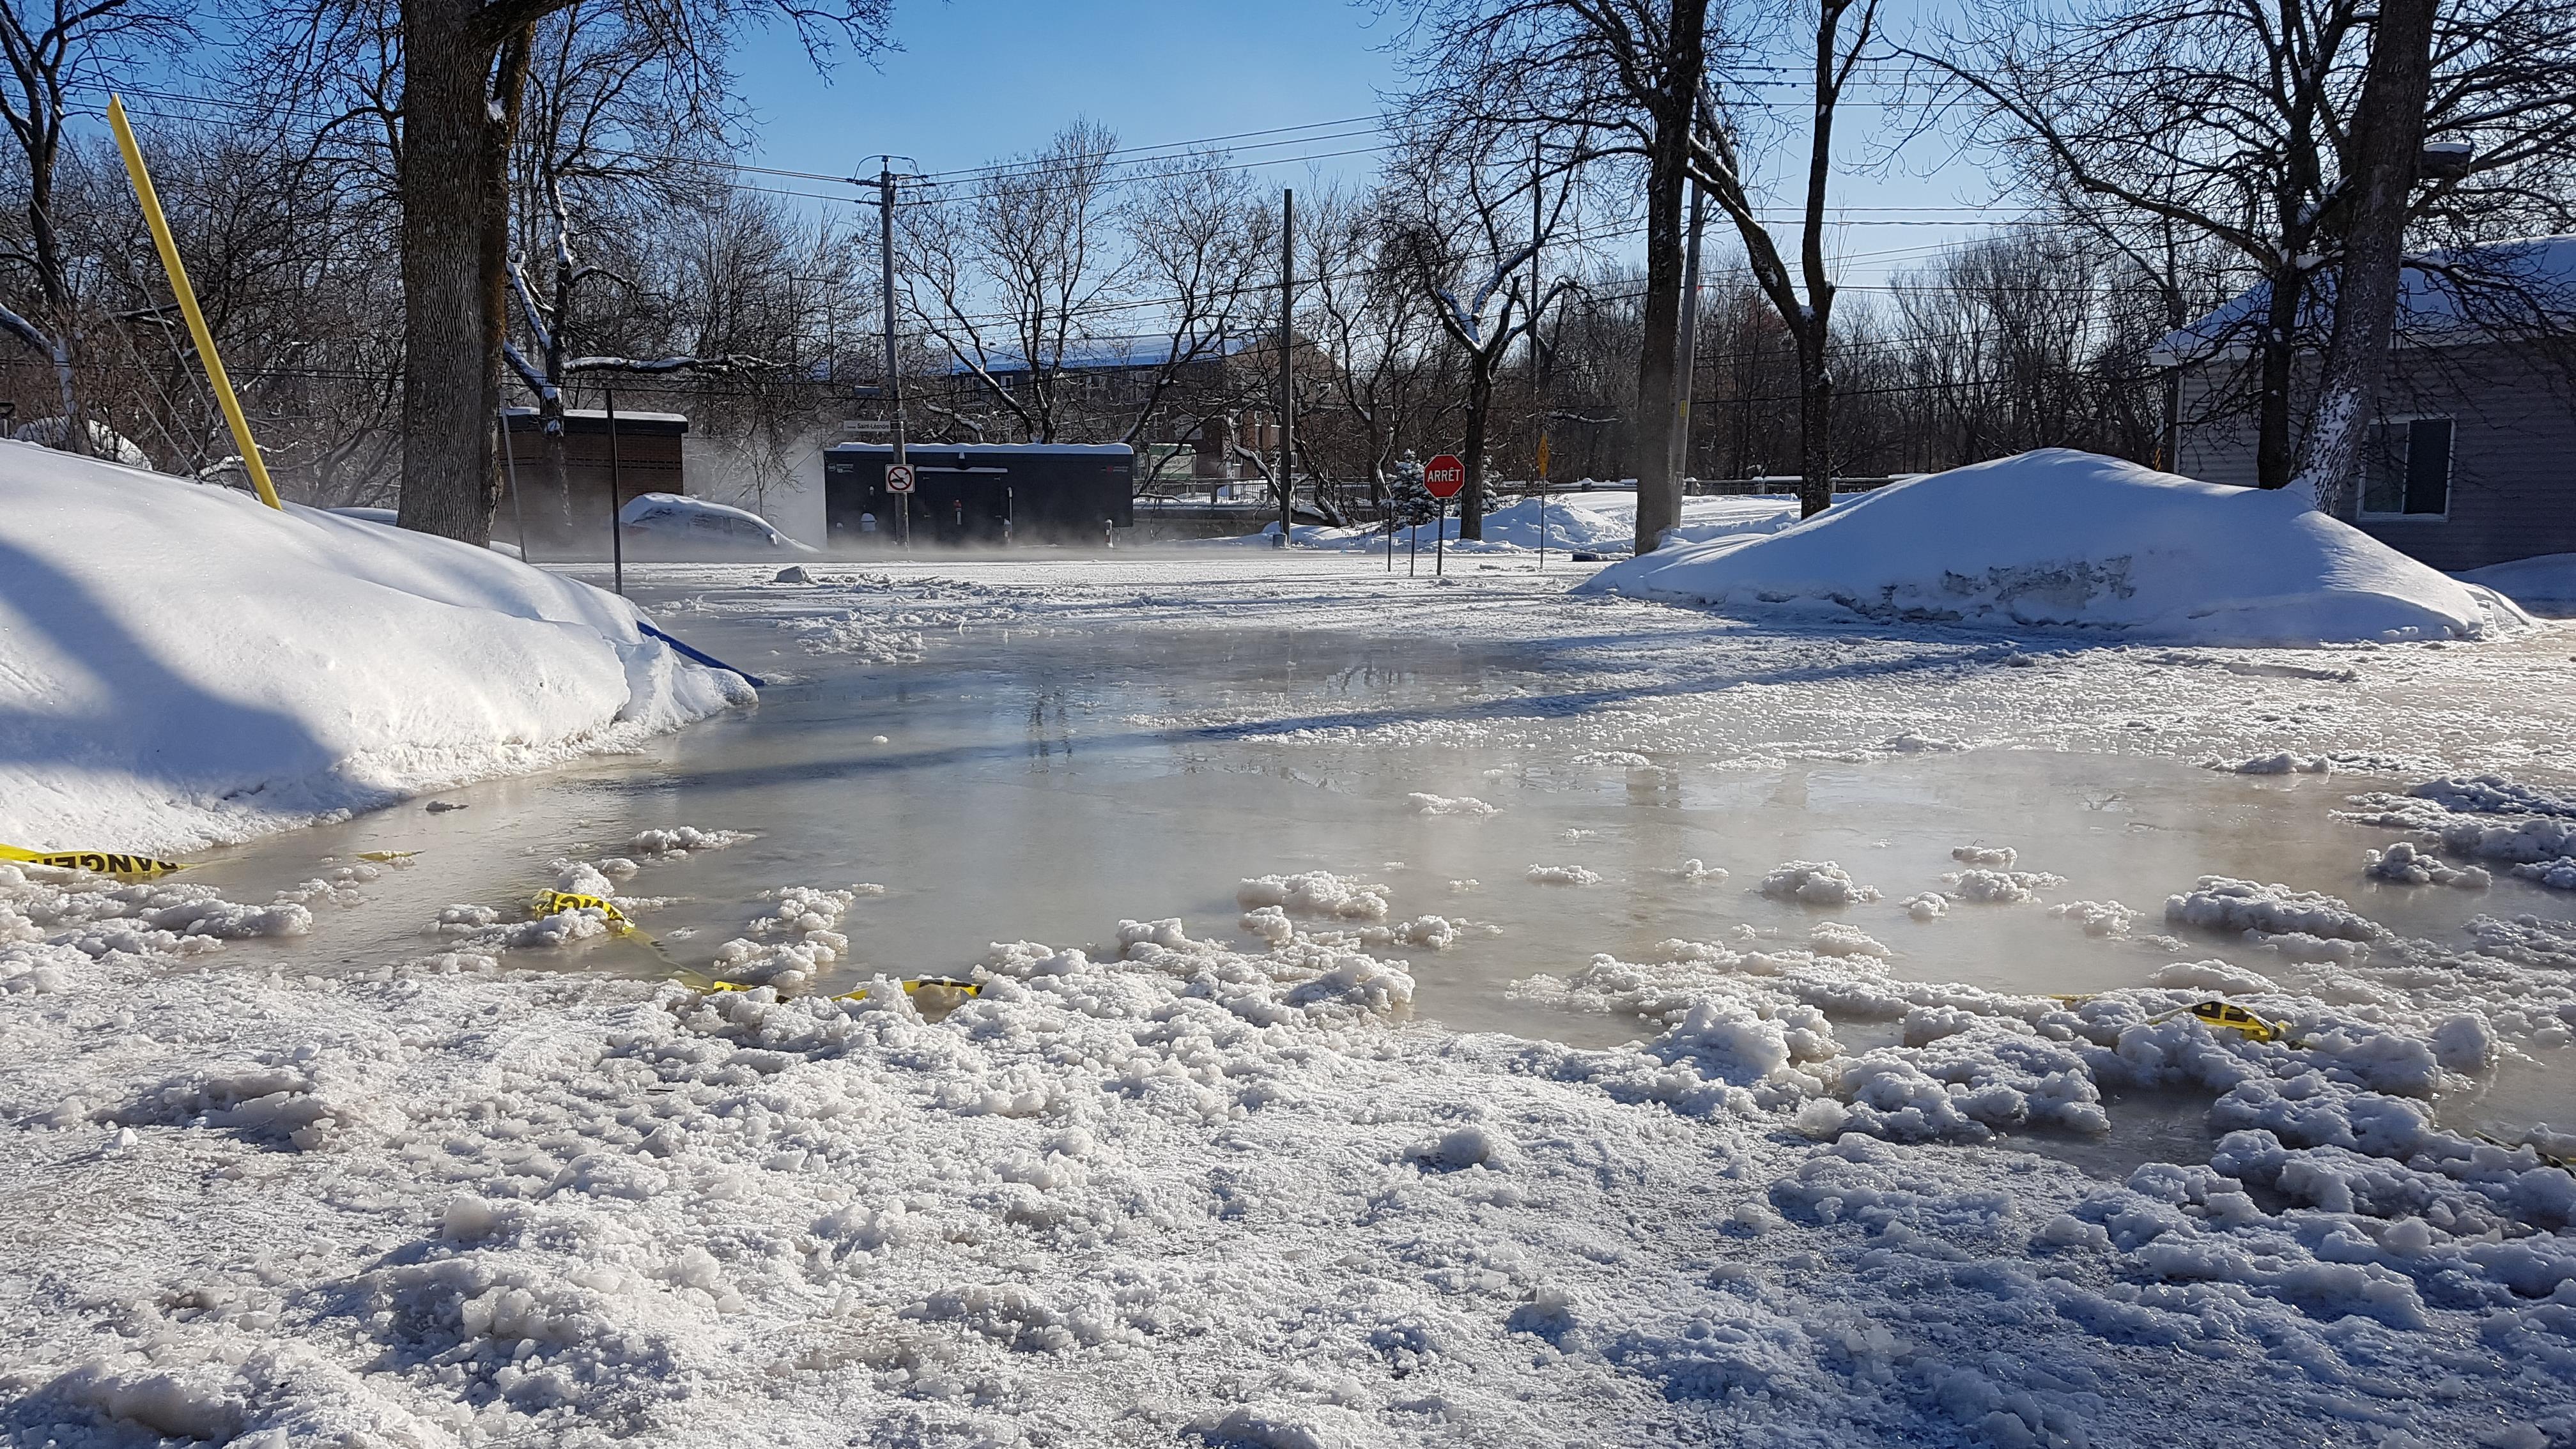 Inondations à Québec : un quartier figé dans l'eau et la glace